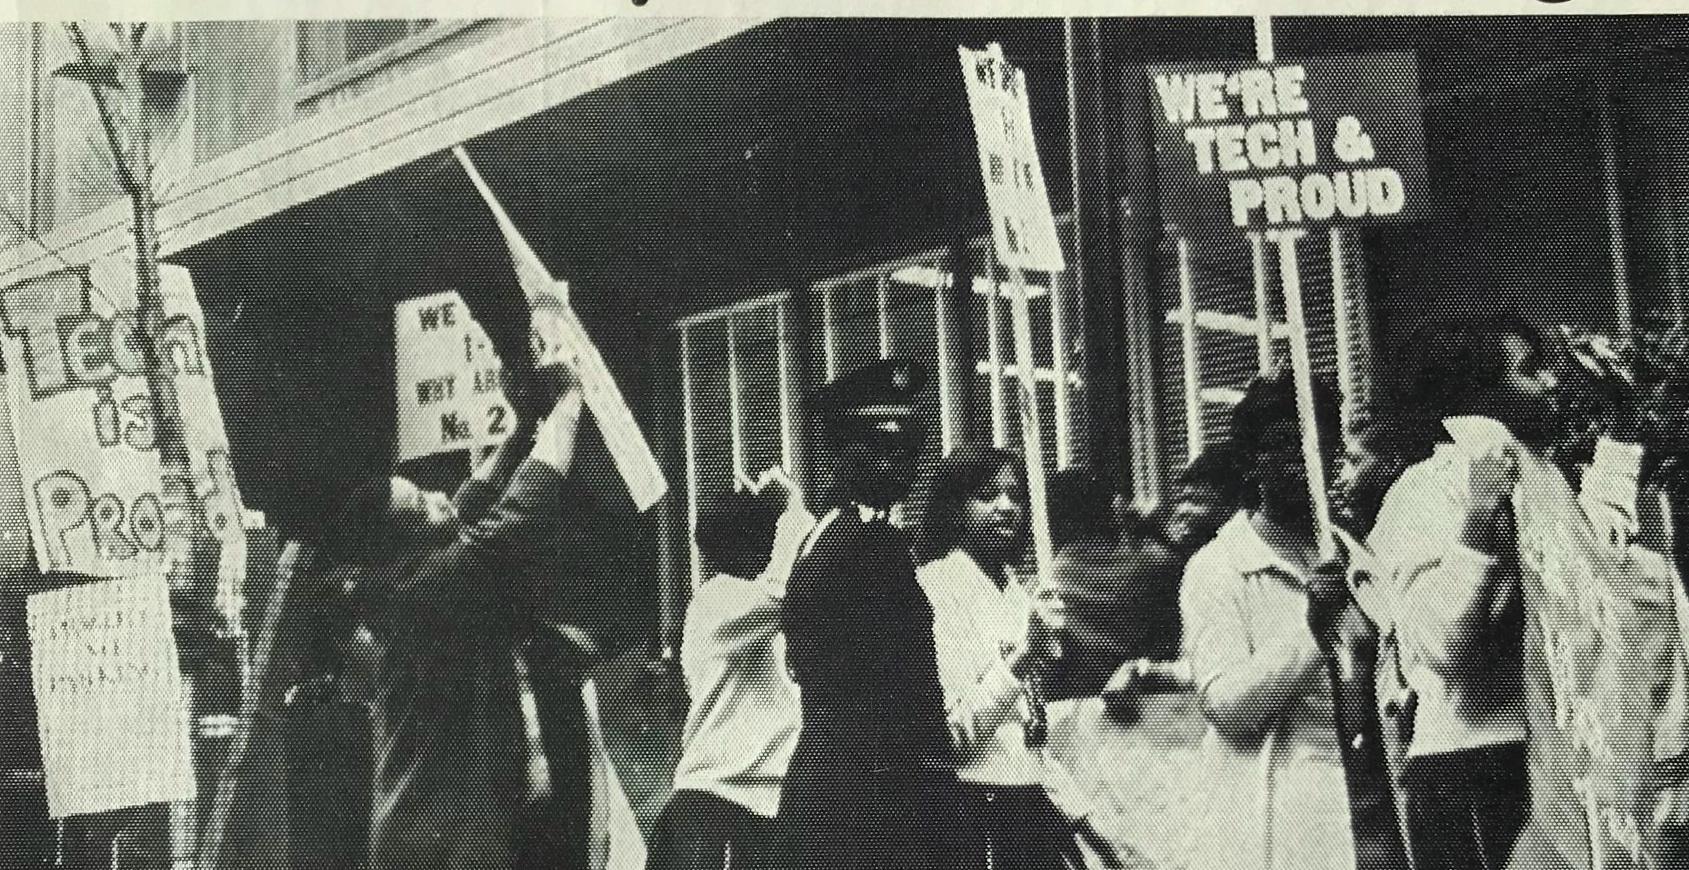 mckinley+protest+2.jpg